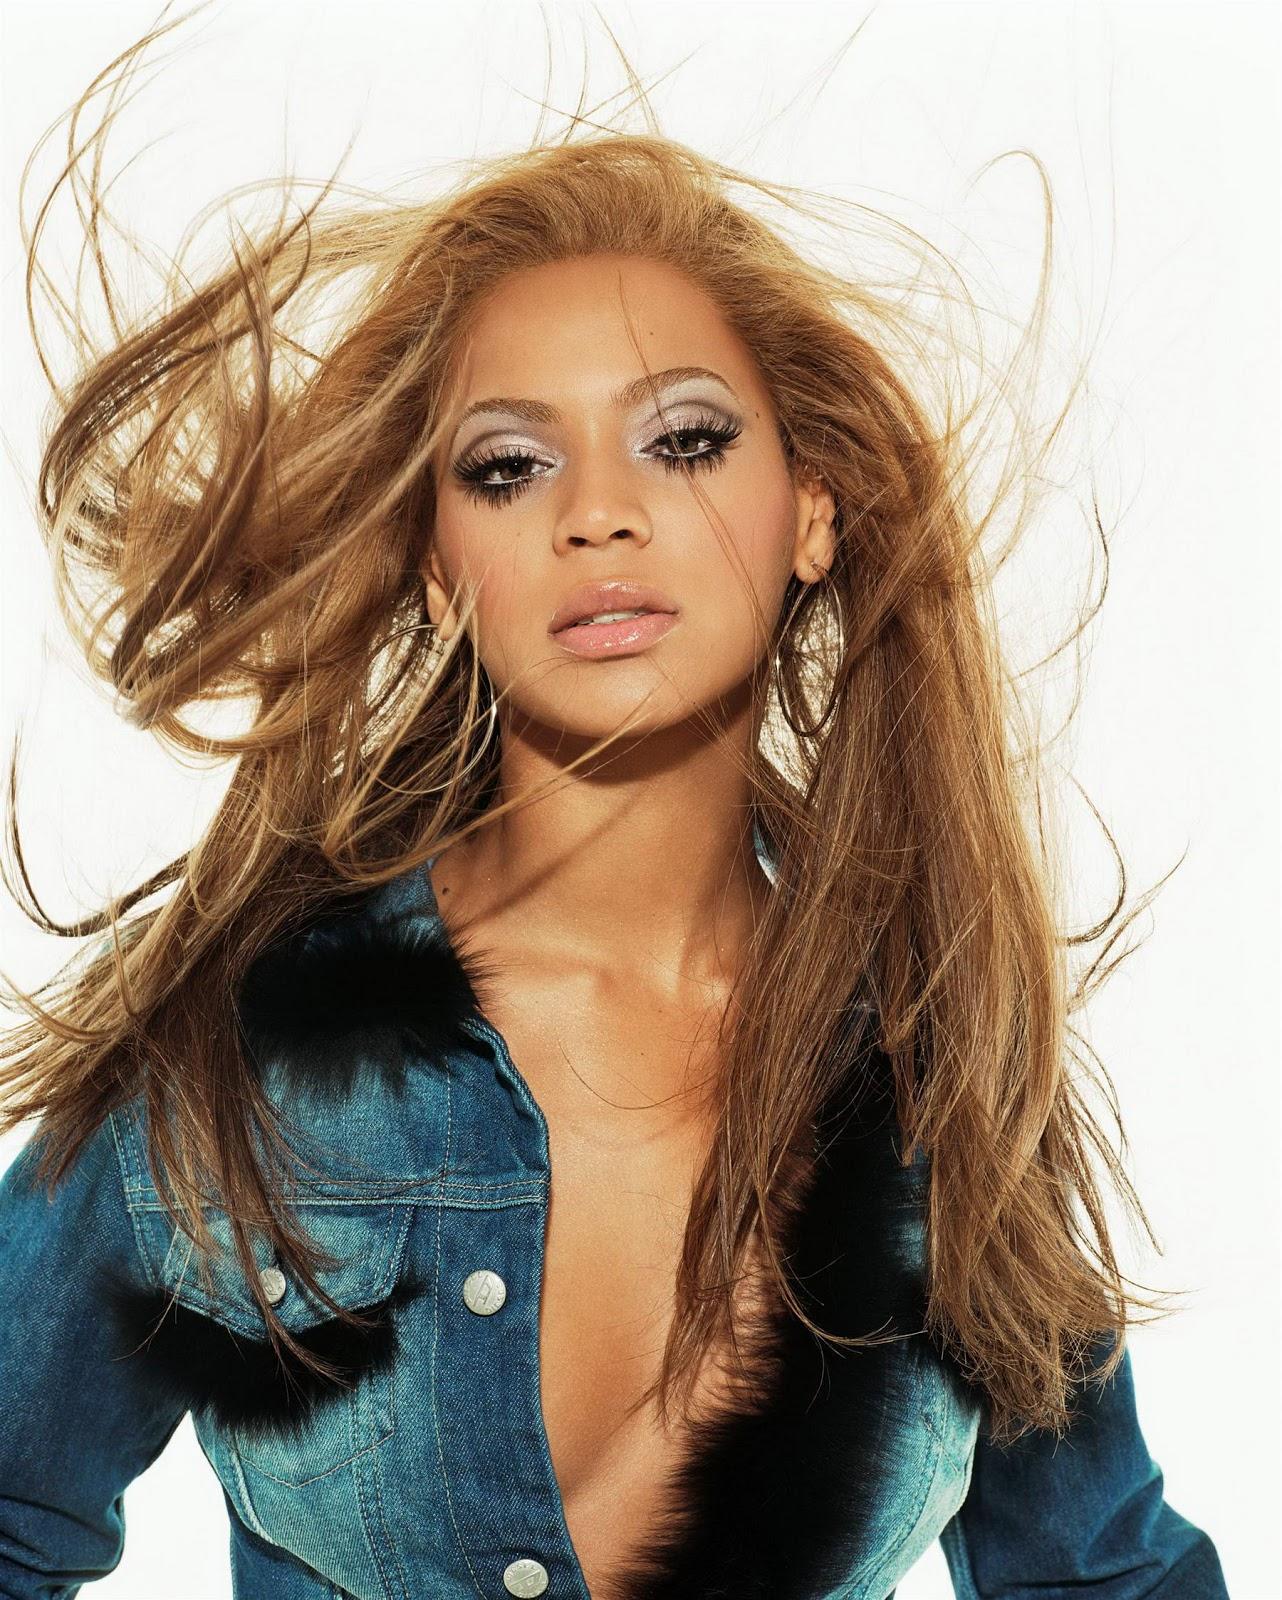 http://3.bp.blogspot.com/-84PqxLgFUDg/TkYYXuJgGiI/AAAAAAAABOs/thjFDmheTPk/s1600/Beyonce+Knowles+315.jpg